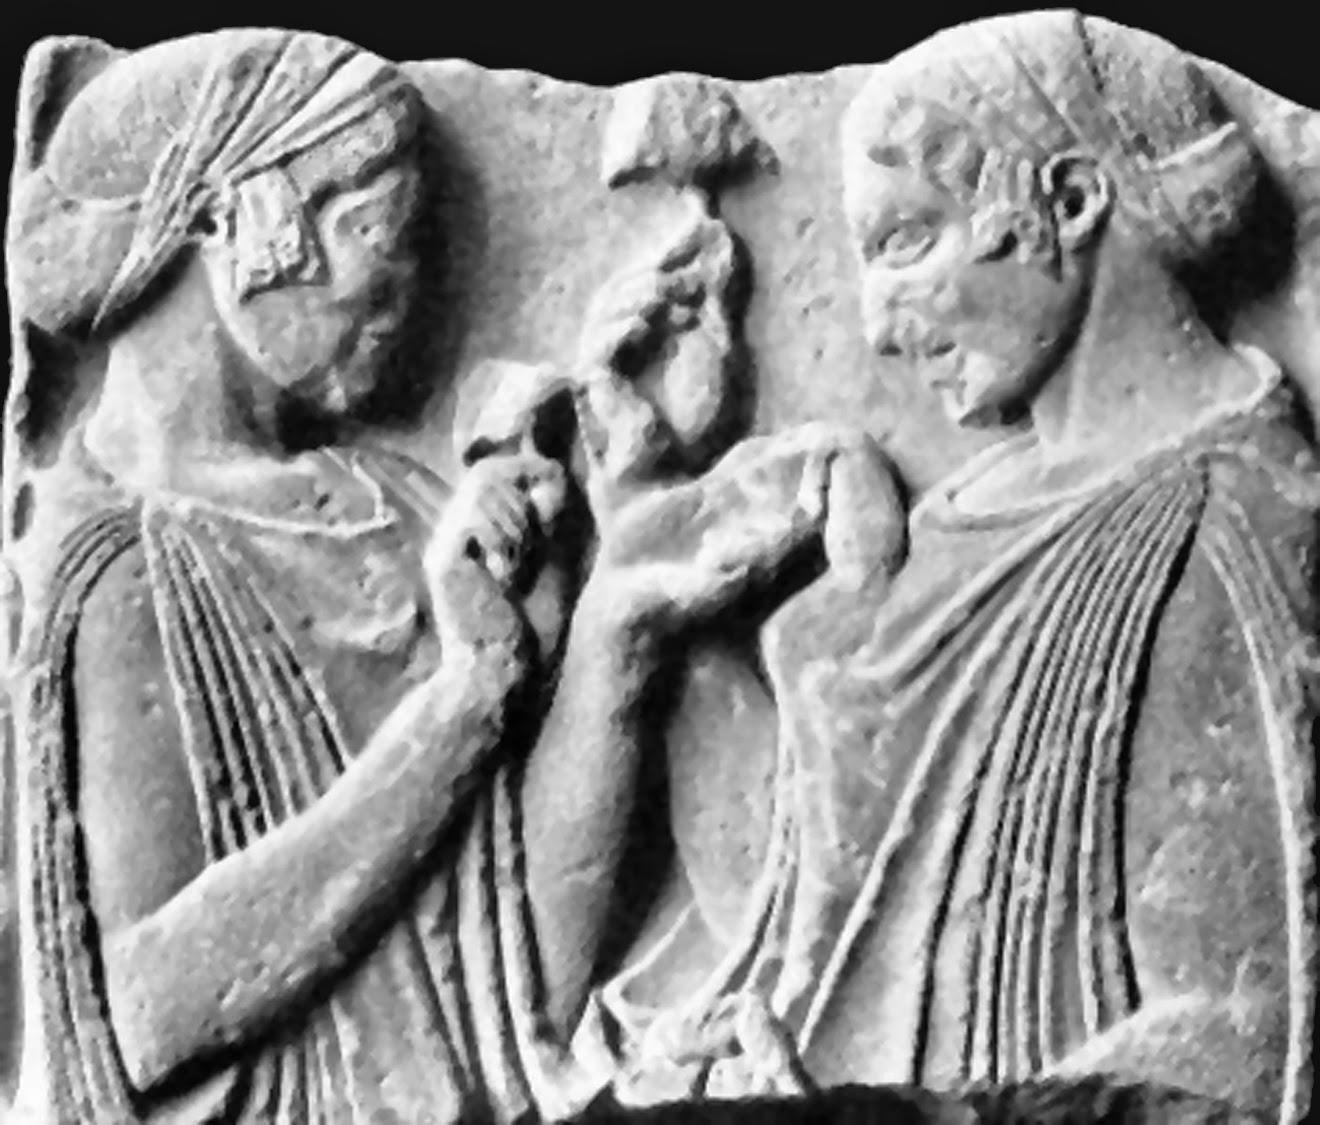 Δήμητρα, Περσεφόνη, Ελευσίνα, Ελλάδα, μύθος, μητέρα, κόρη, θεά